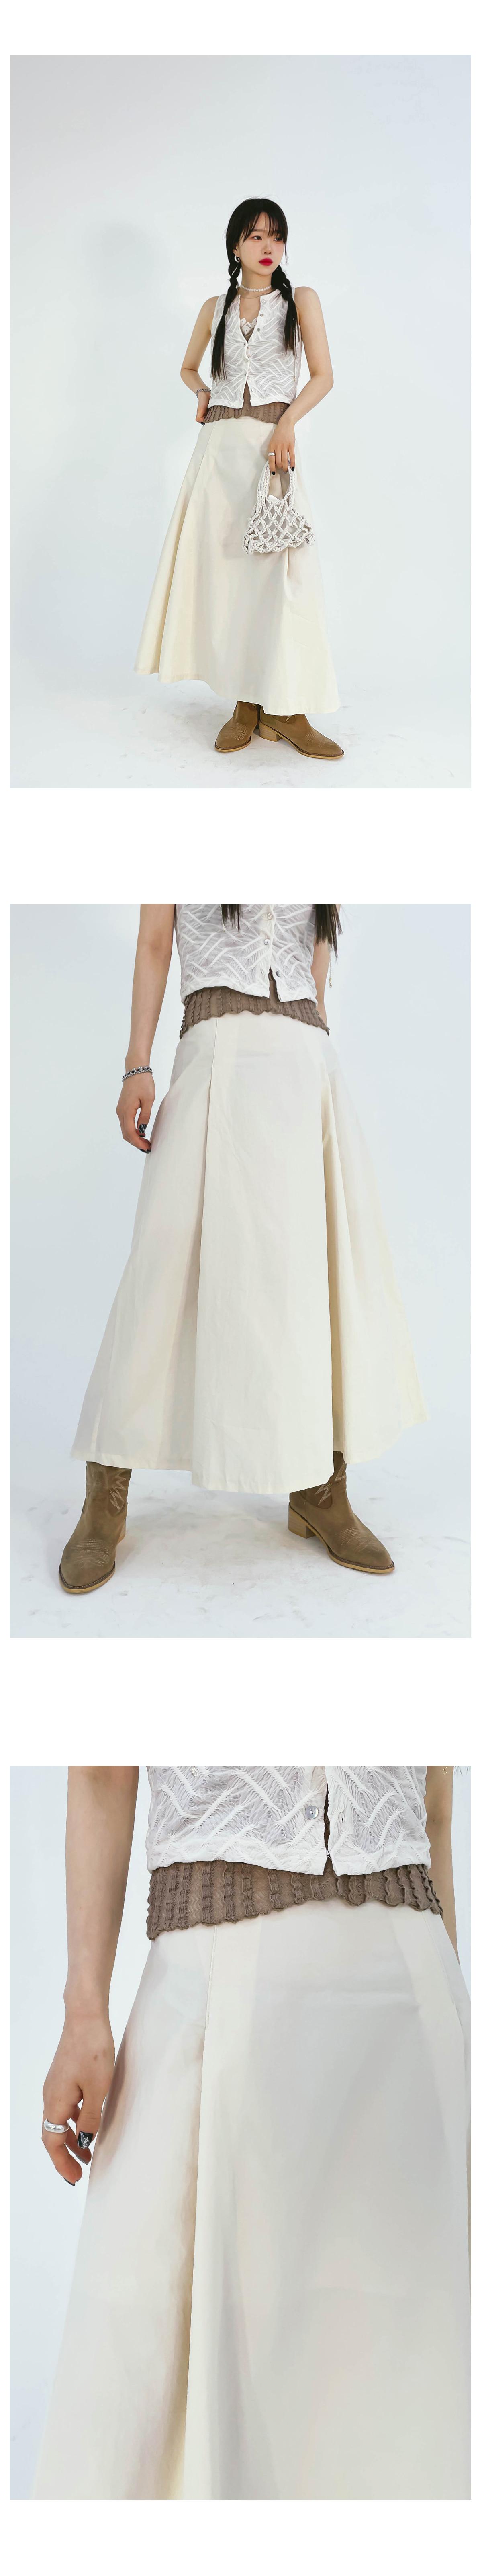 flared powder long skirt